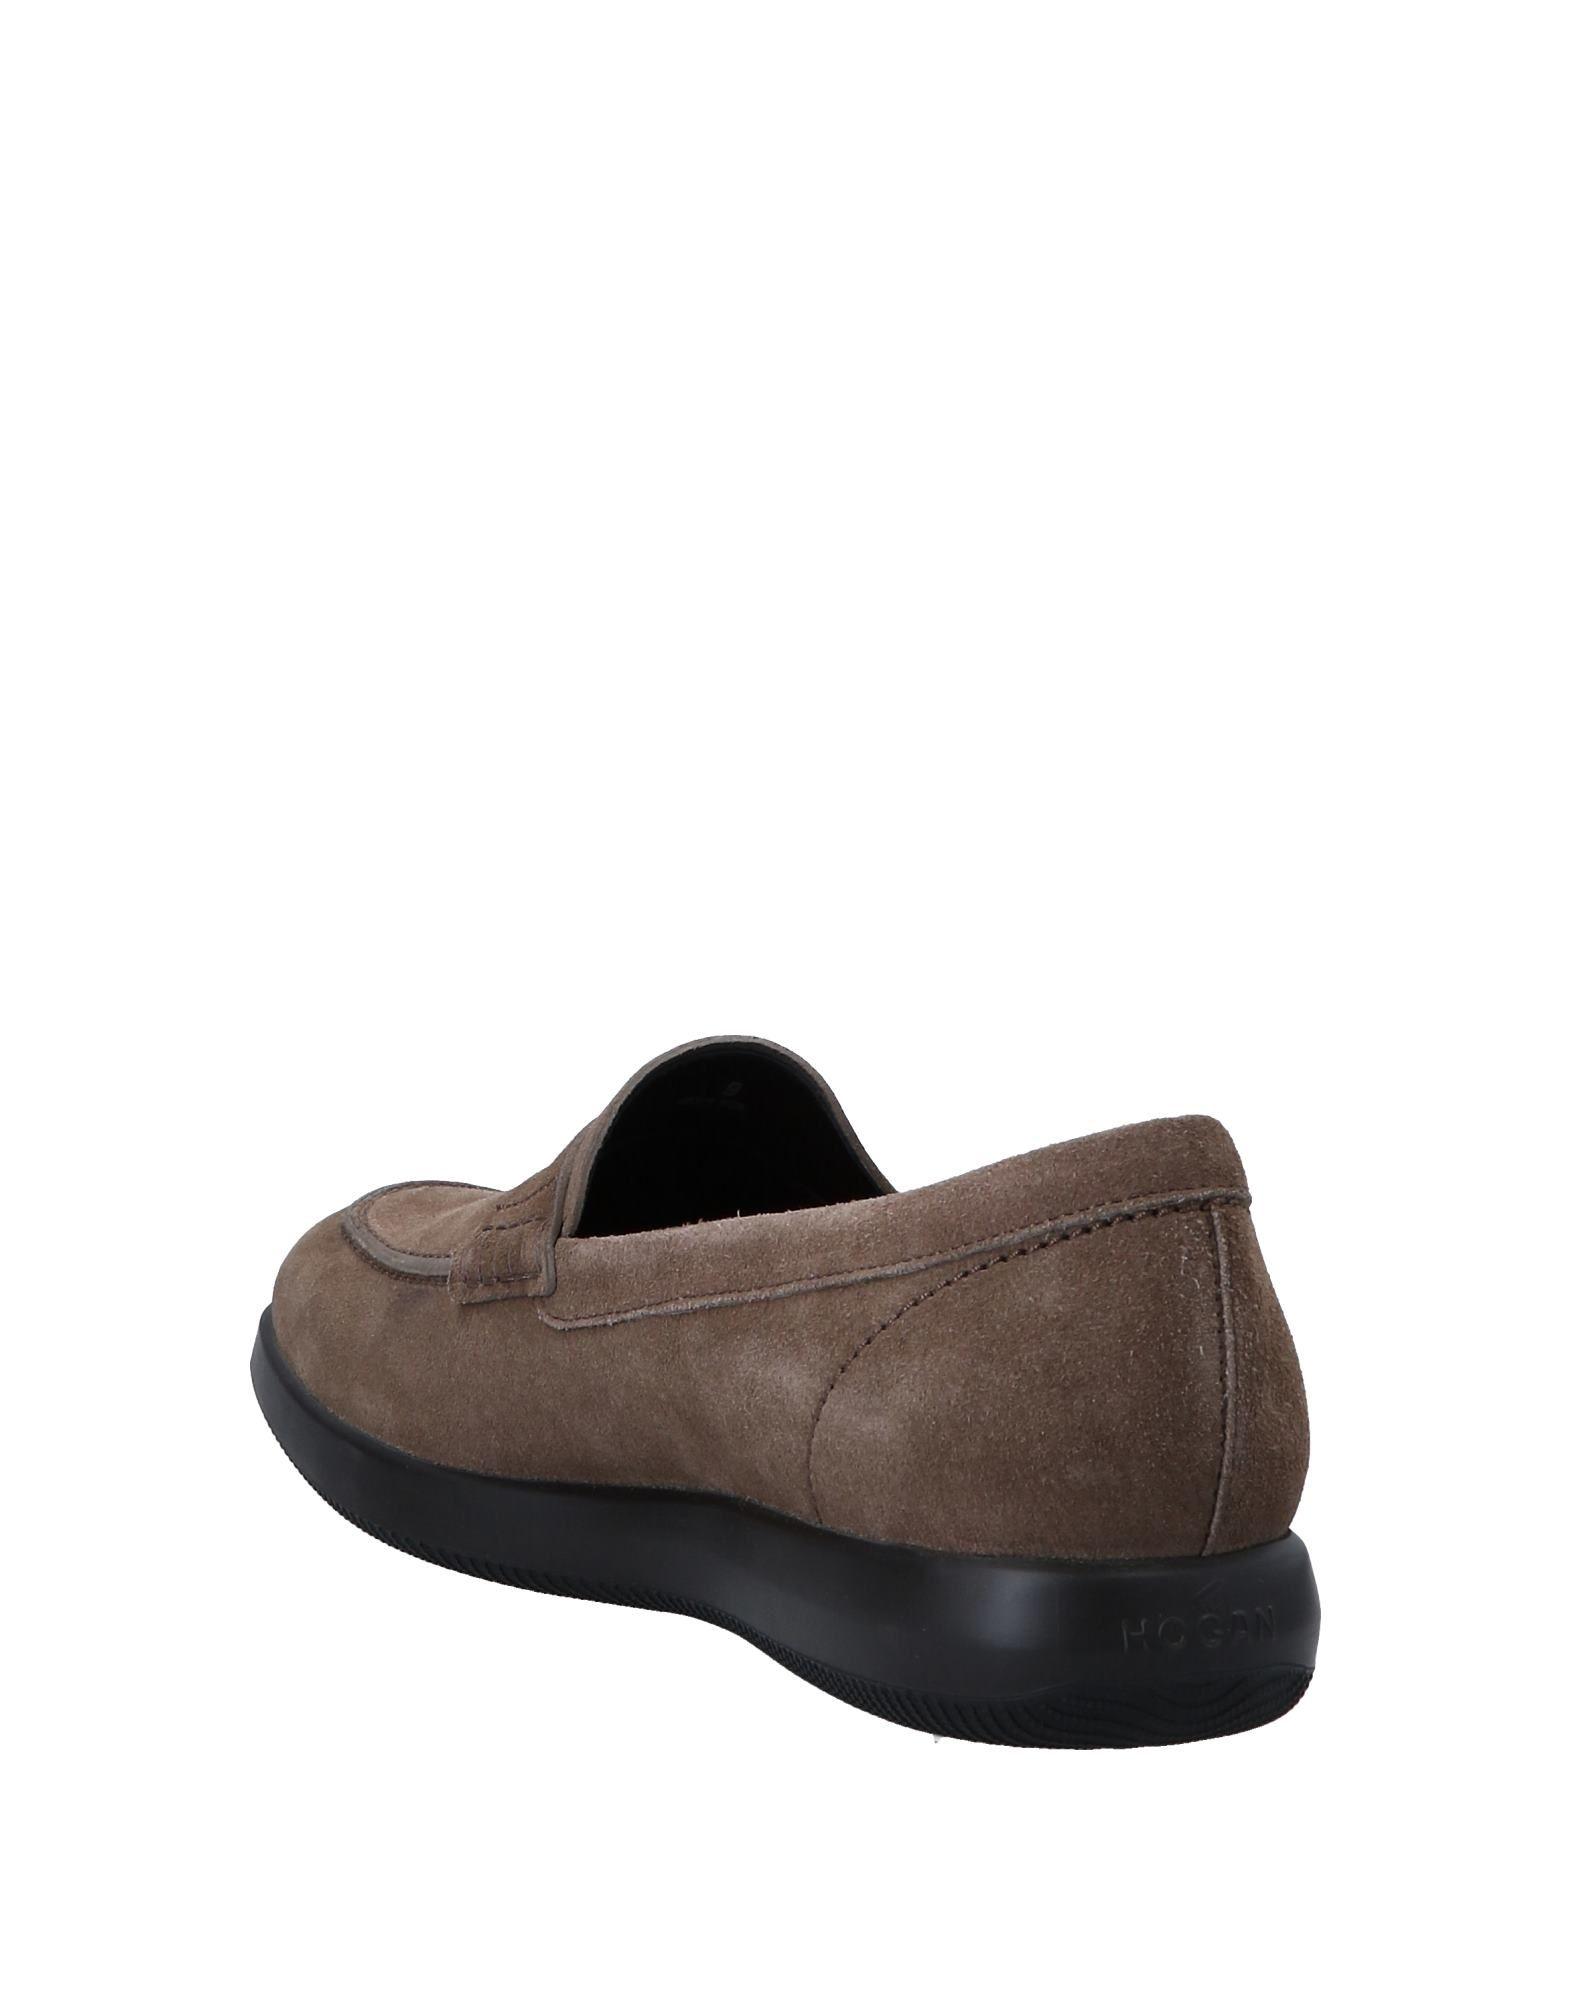 Hogan Mokassins Herren  11547131PA Gute Qualität beliebte Schuhe